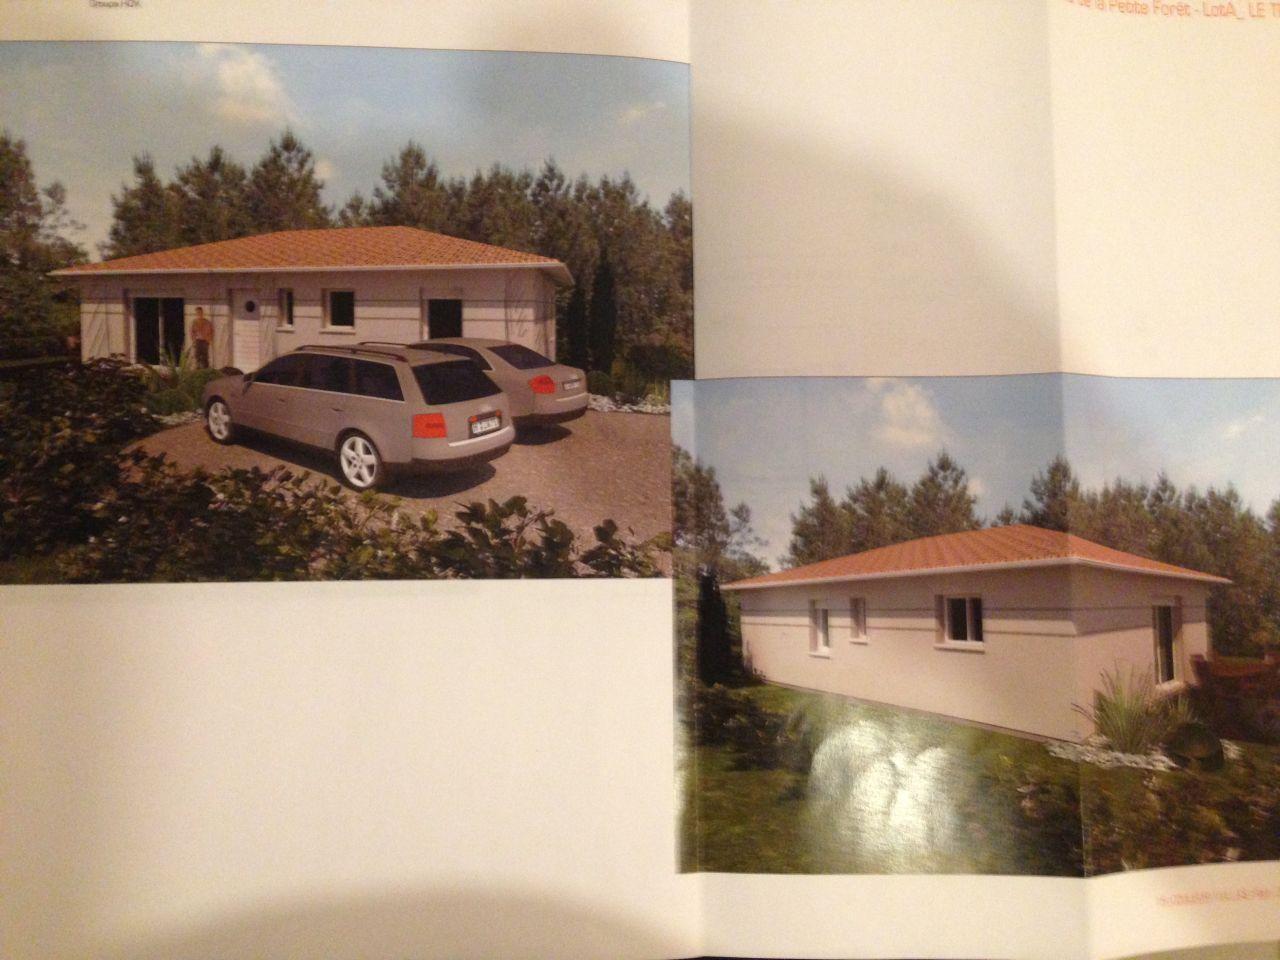 Avis Constructeur Couleur Villas avis sur ma petite maison sur le bassin d'arcachon [résolu